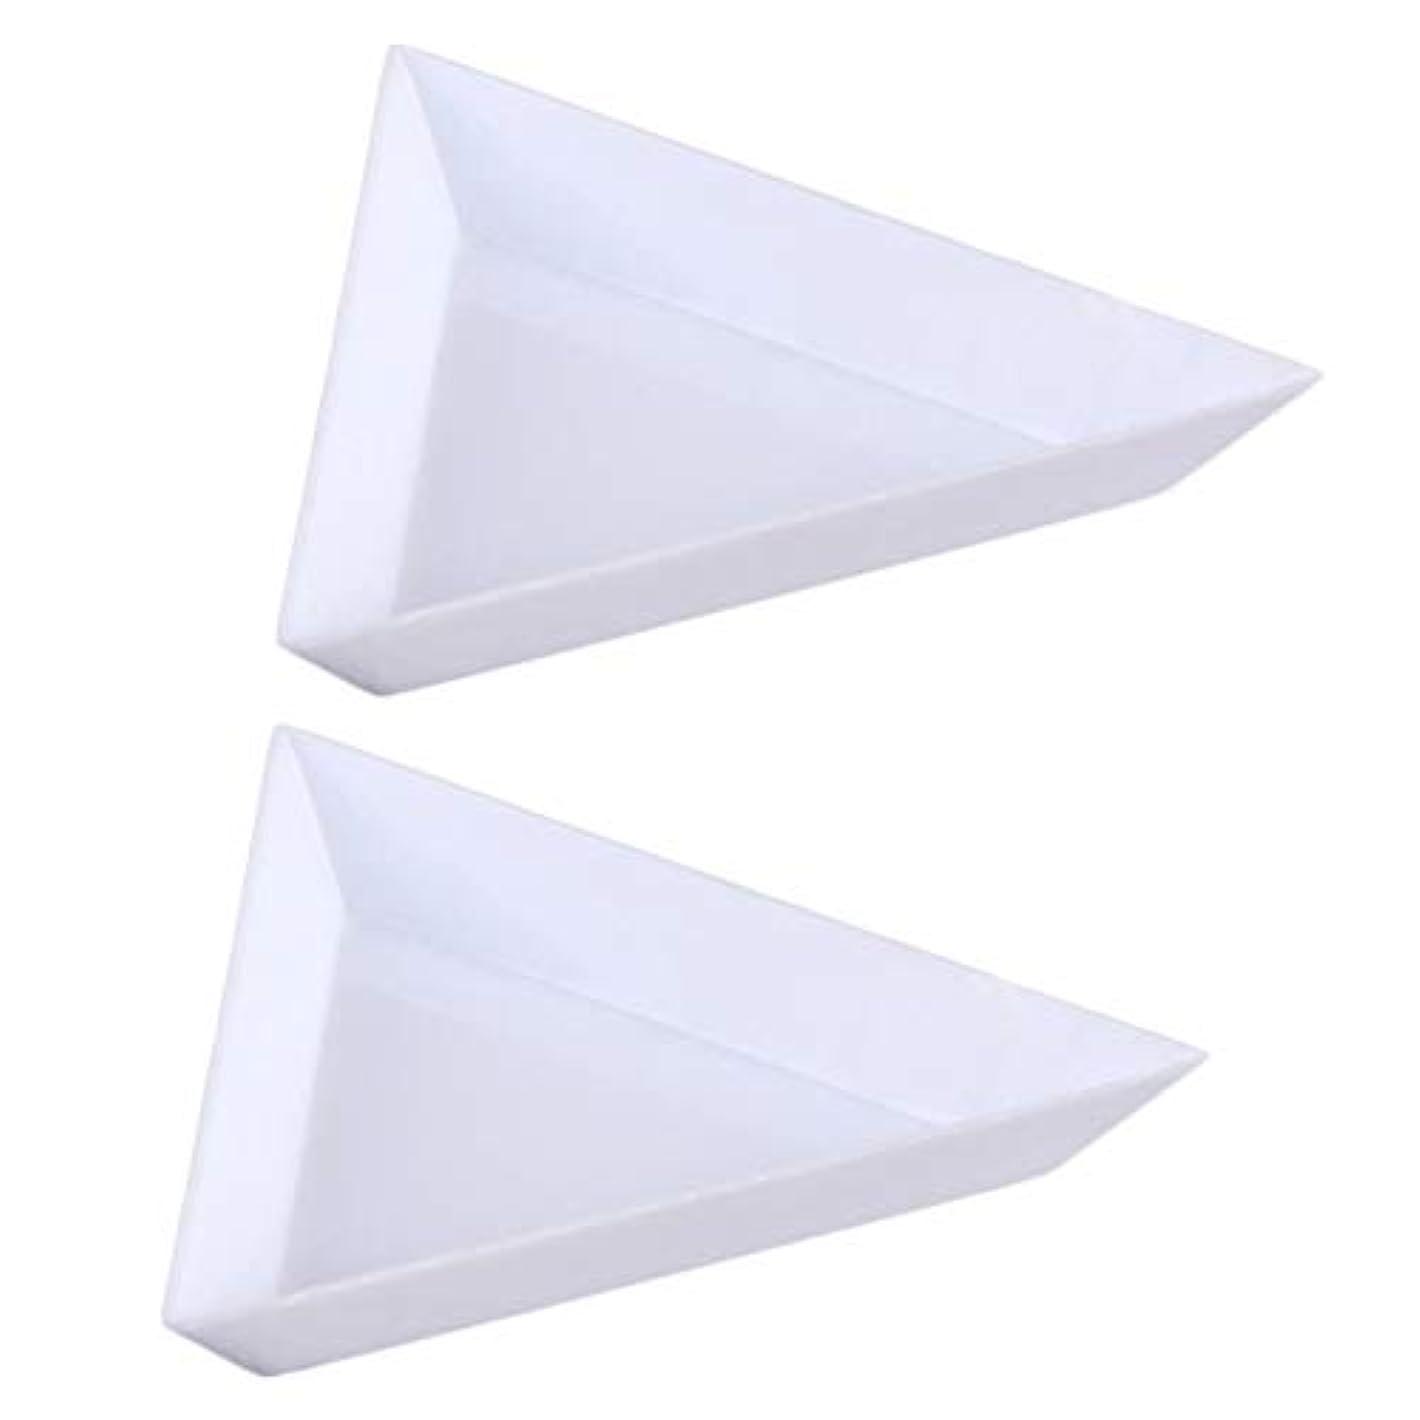 哲学者人里離れたエジプトTOOGOO 10個三角コーナープラスチックラインストーンビーズ 結晶 ネイルアートソーティングトレイアクセサリー白 DiyネイルアートデコレーションDotting収納トレイ オーガニゼーションに最適